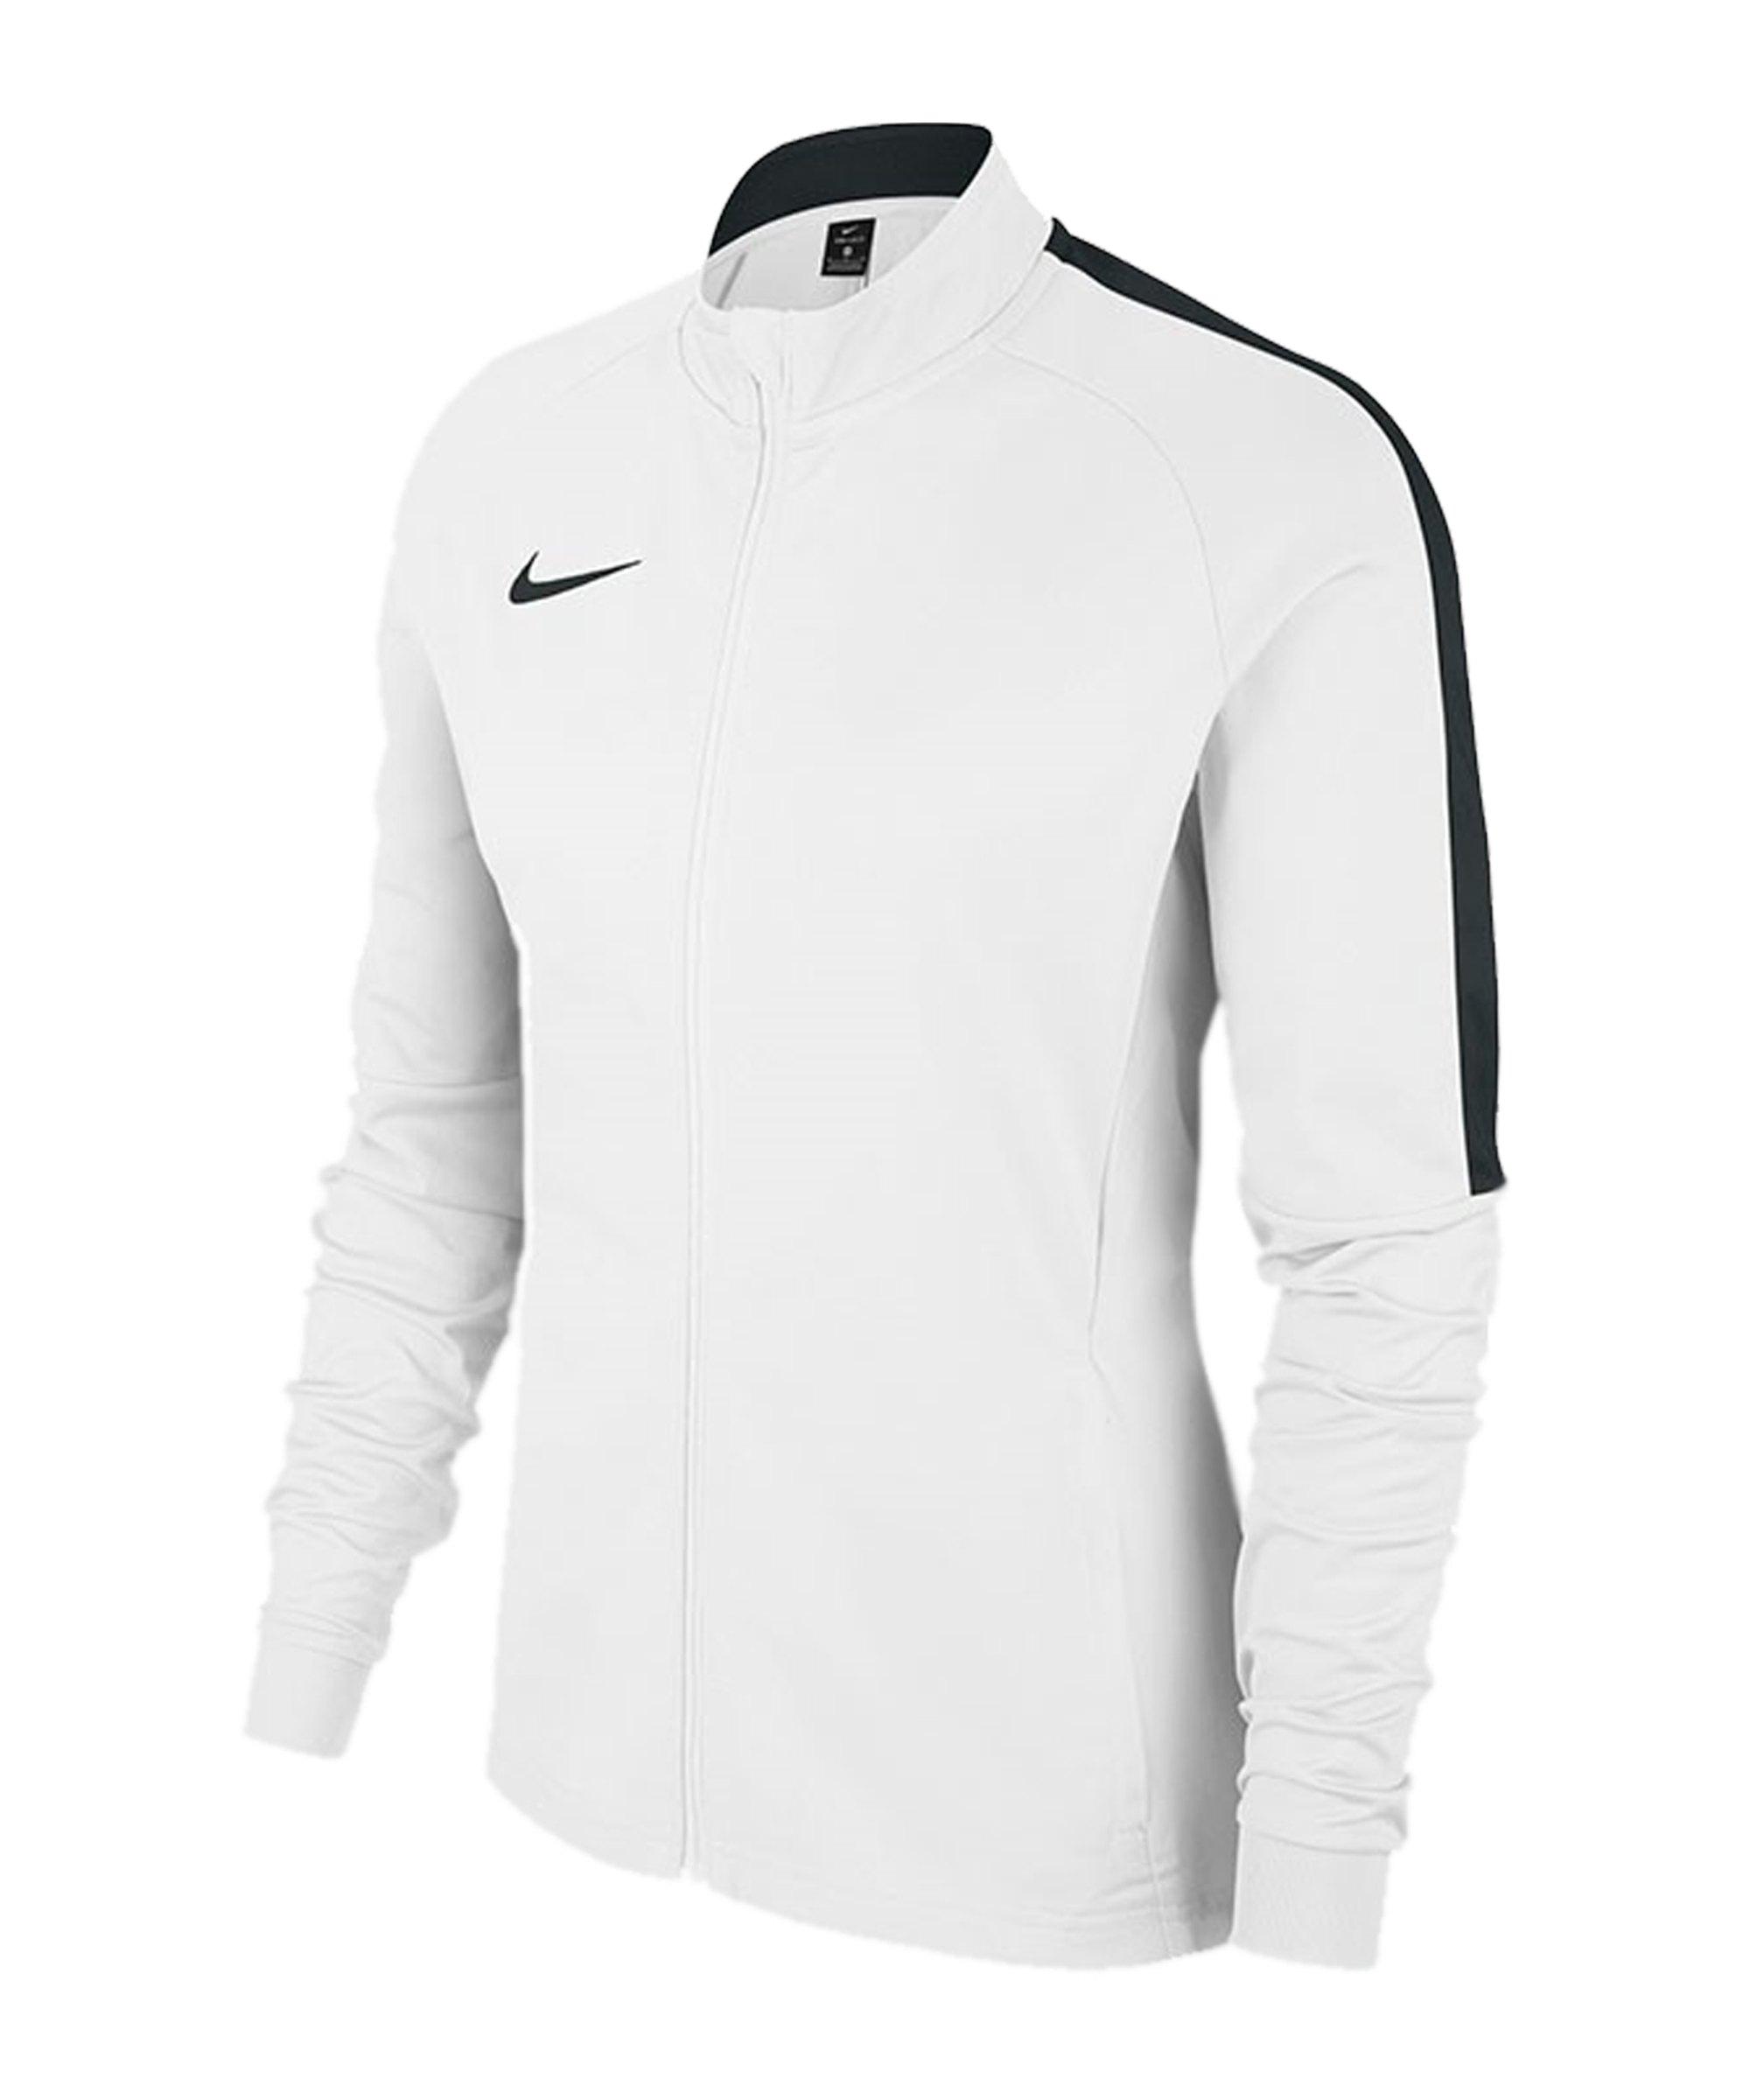 huge discount 93164 81498 Nike Academy 18 Knit Trainingsjacke Damen F100